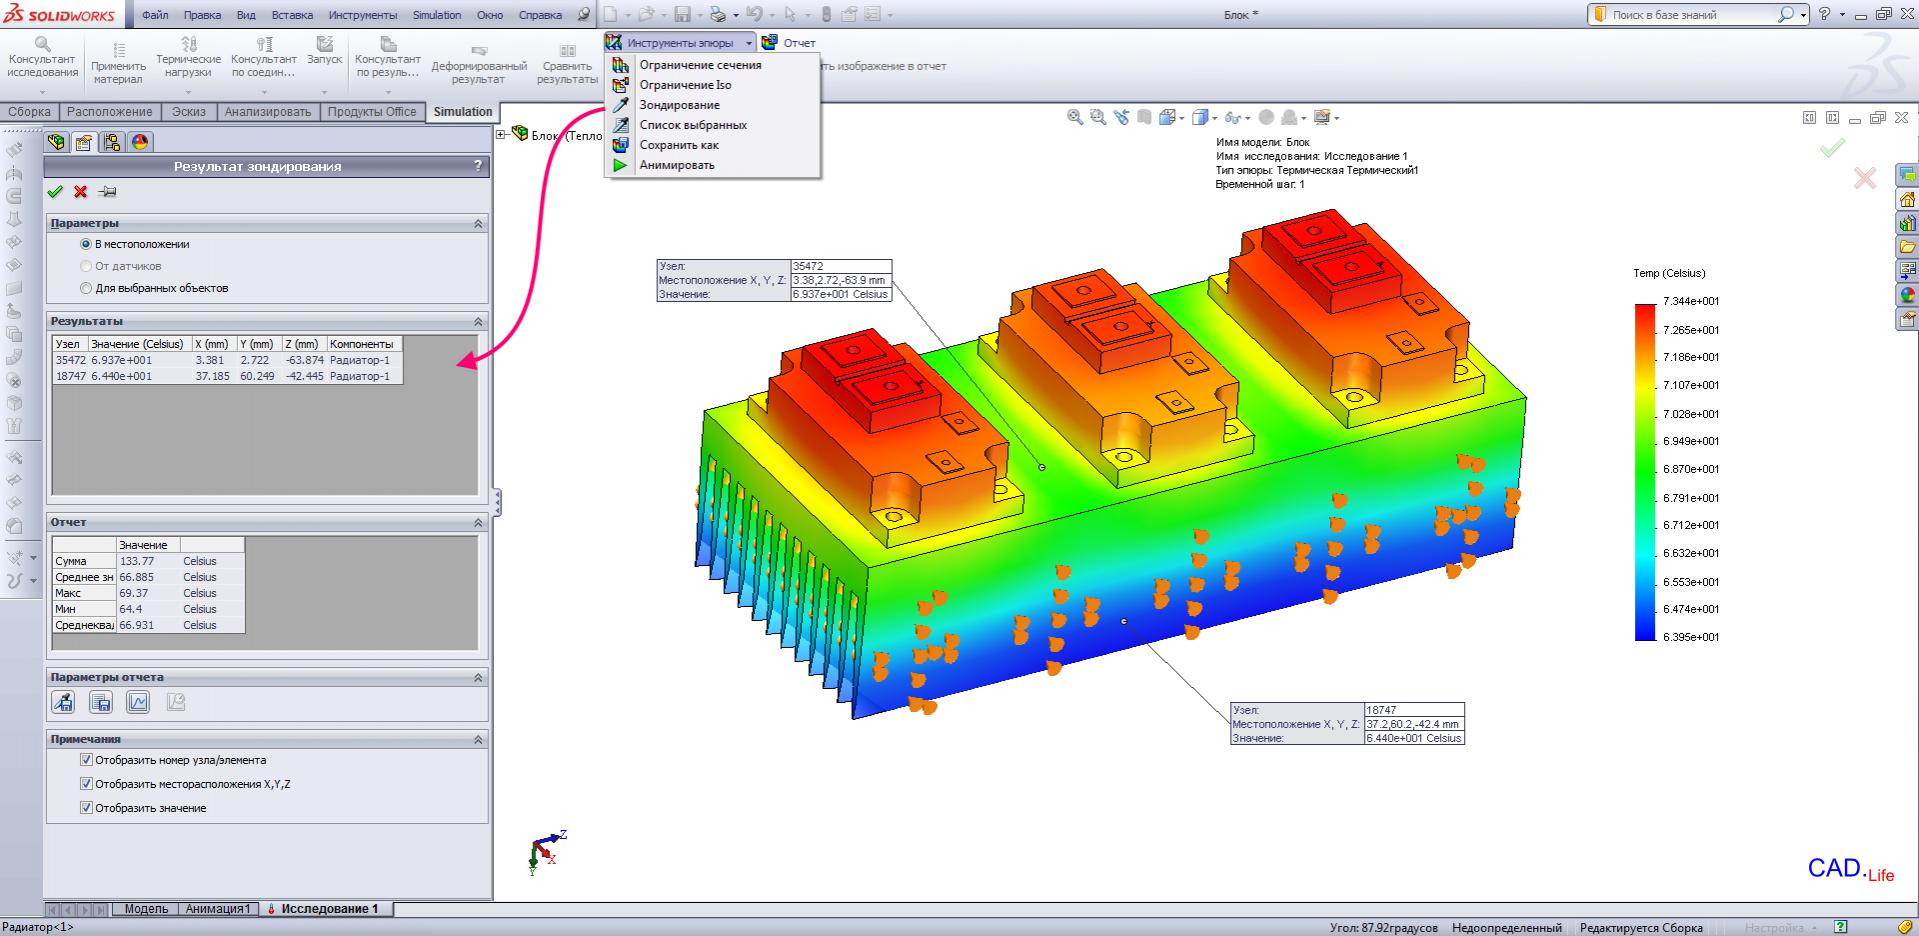 Solidworks 2013|Тепловой расчет радиатора охлаждения с принудительной вентиляцией в Solidworks Simulation